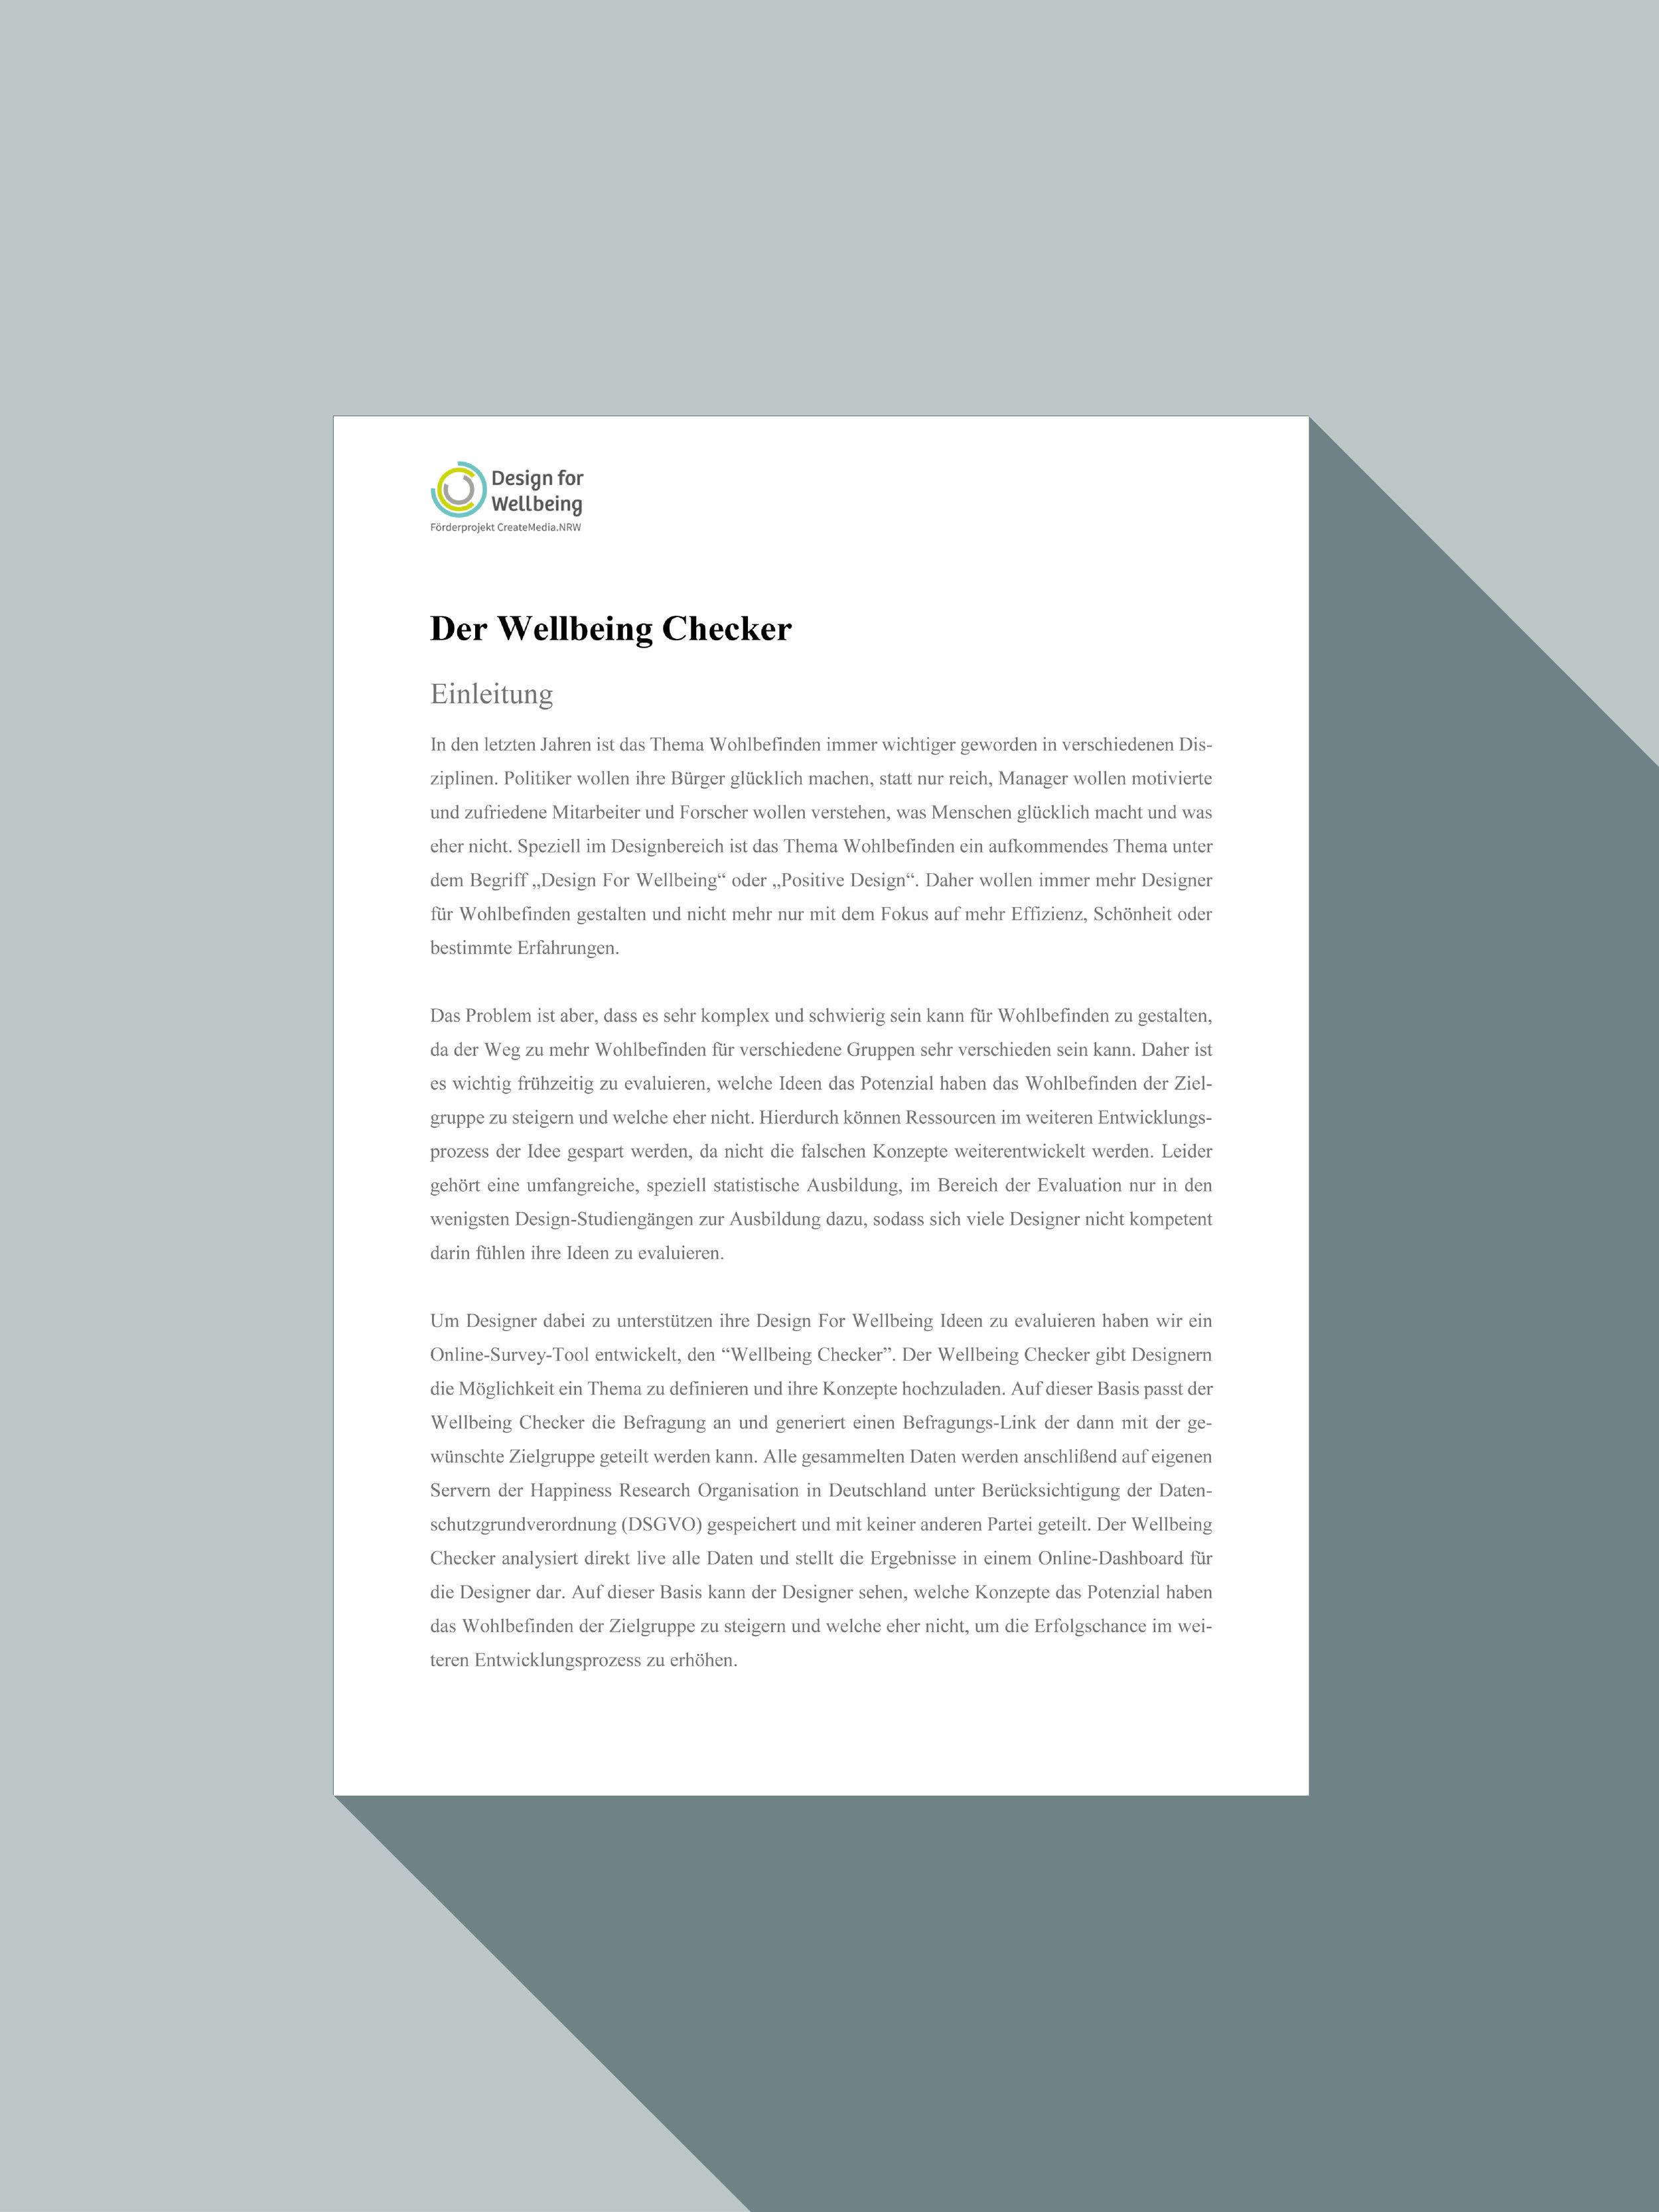 18-11-14 Paper Vorschaubilder5.jpg